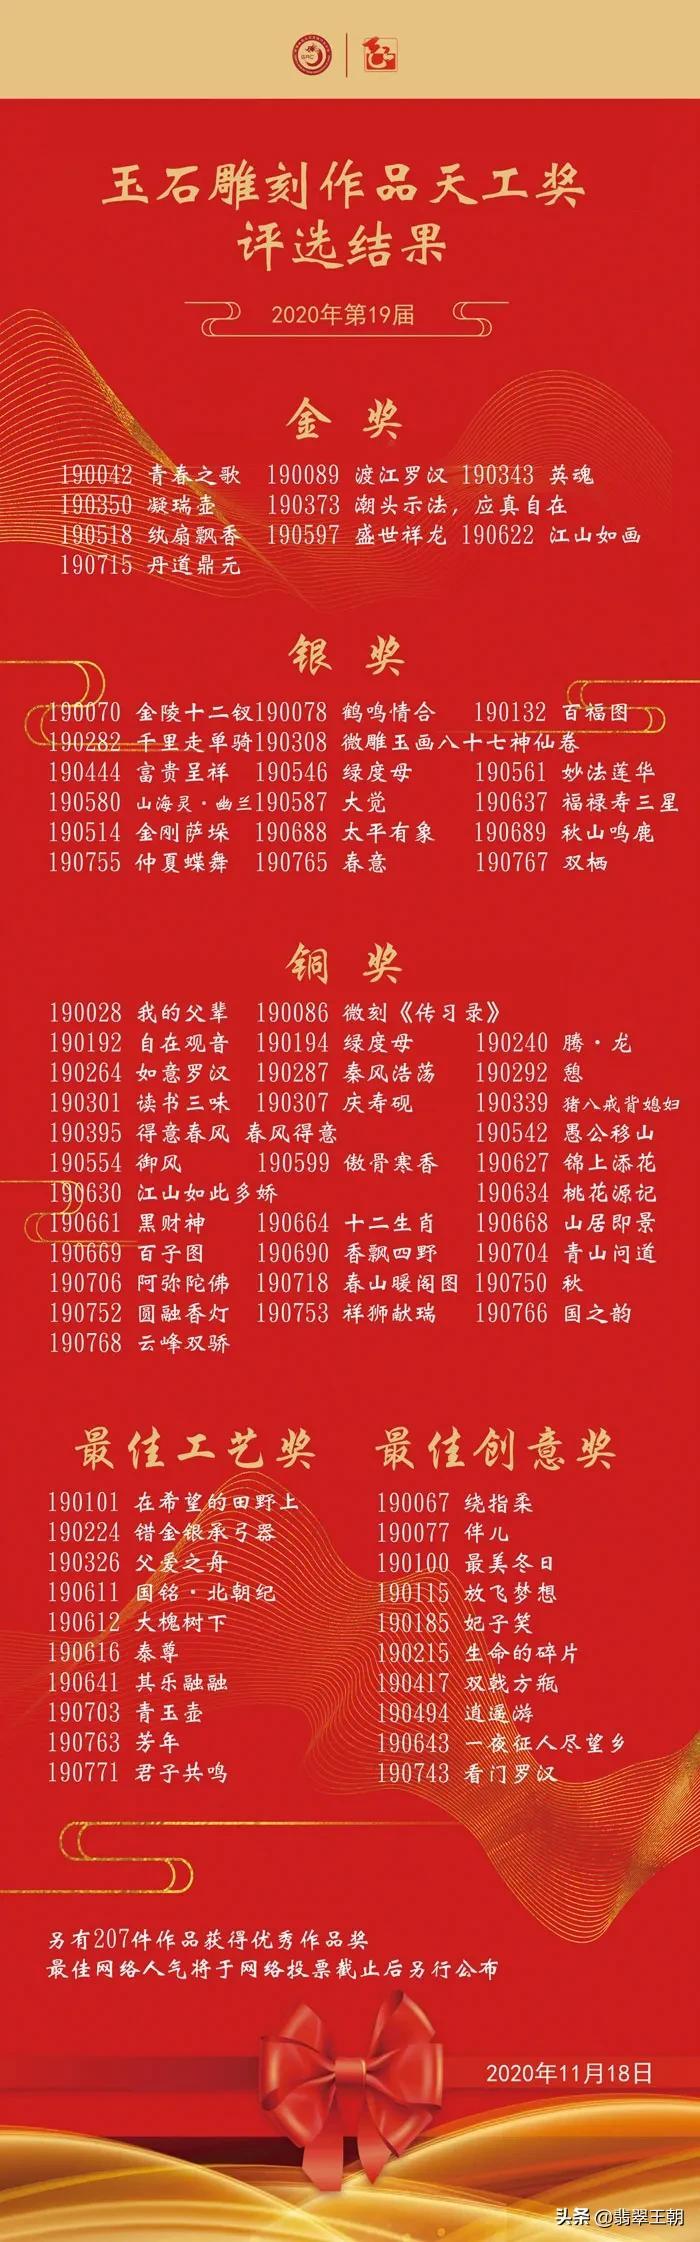 """2020""""天工奖""""获奖作品公布,高清大图 领略名家大作"""